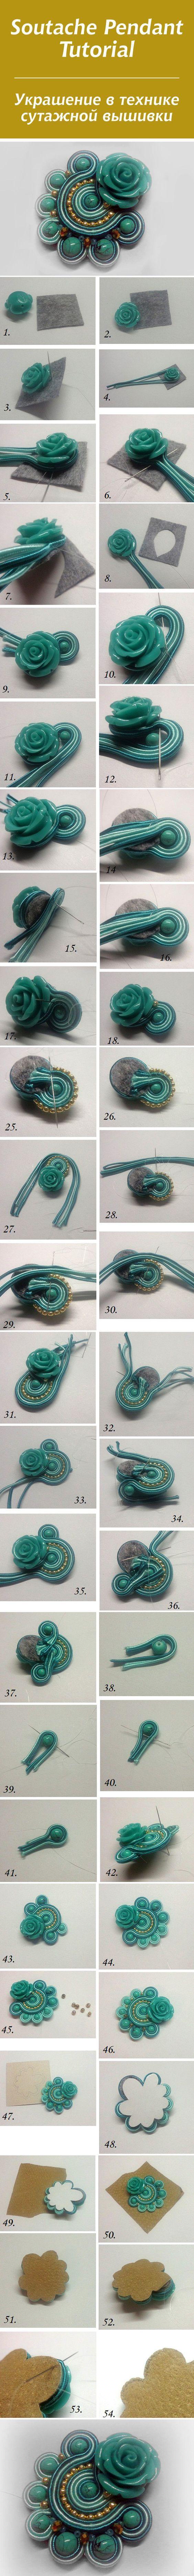 Soutache pendant tutorial / Делаем украшение в технике сутажной вышивки